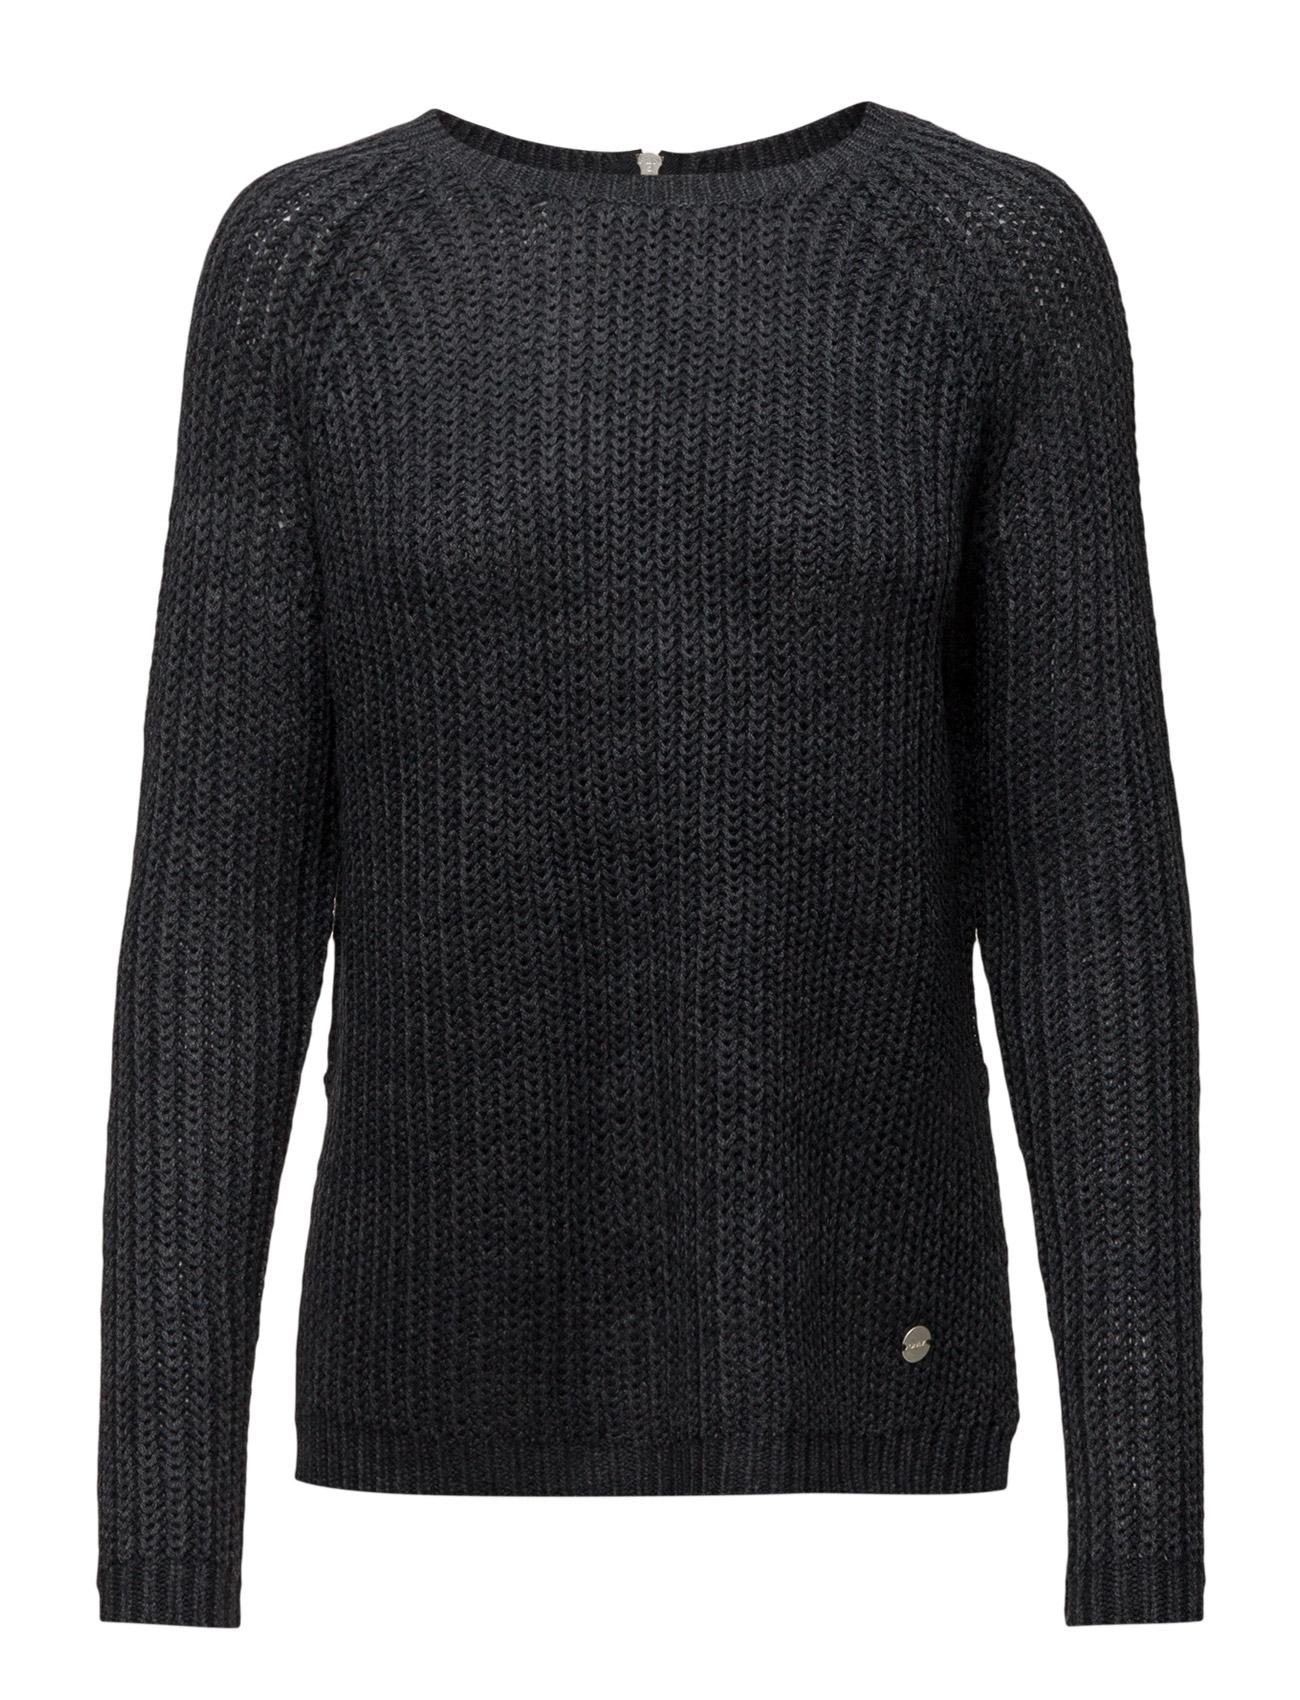 Onlnew Ana L/S Zip Pullover Knt Noos ONLY Sweatshirts til Damer i Blå Graphite